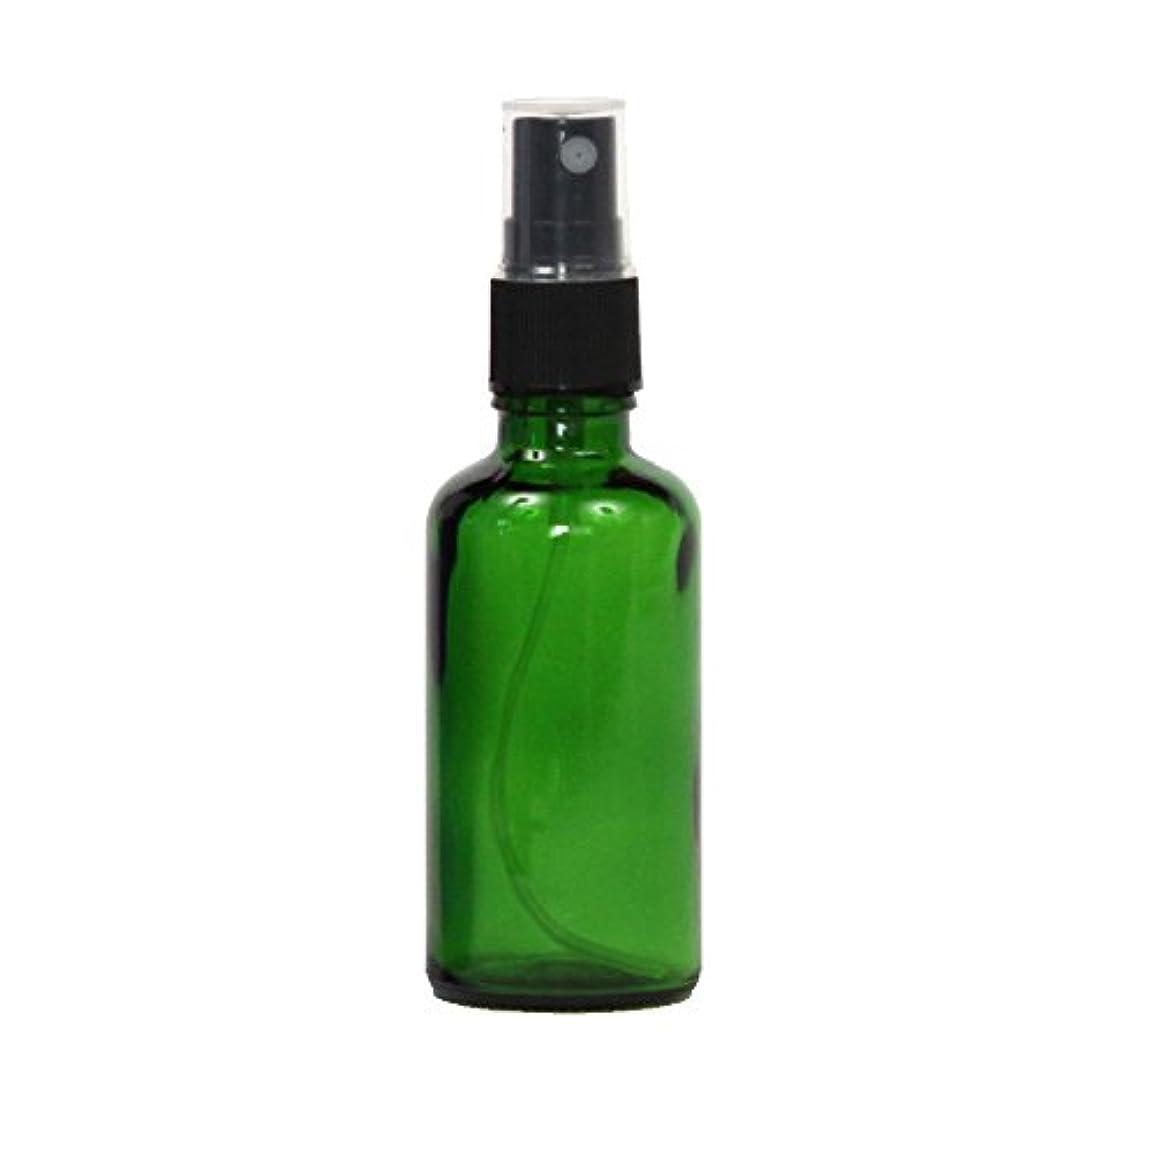 提供されたなめらかな好意スプレーボトル容器 ガラス瓶 50mL 遮光性グリーン ガラスアトマイザー 空容器gr50g